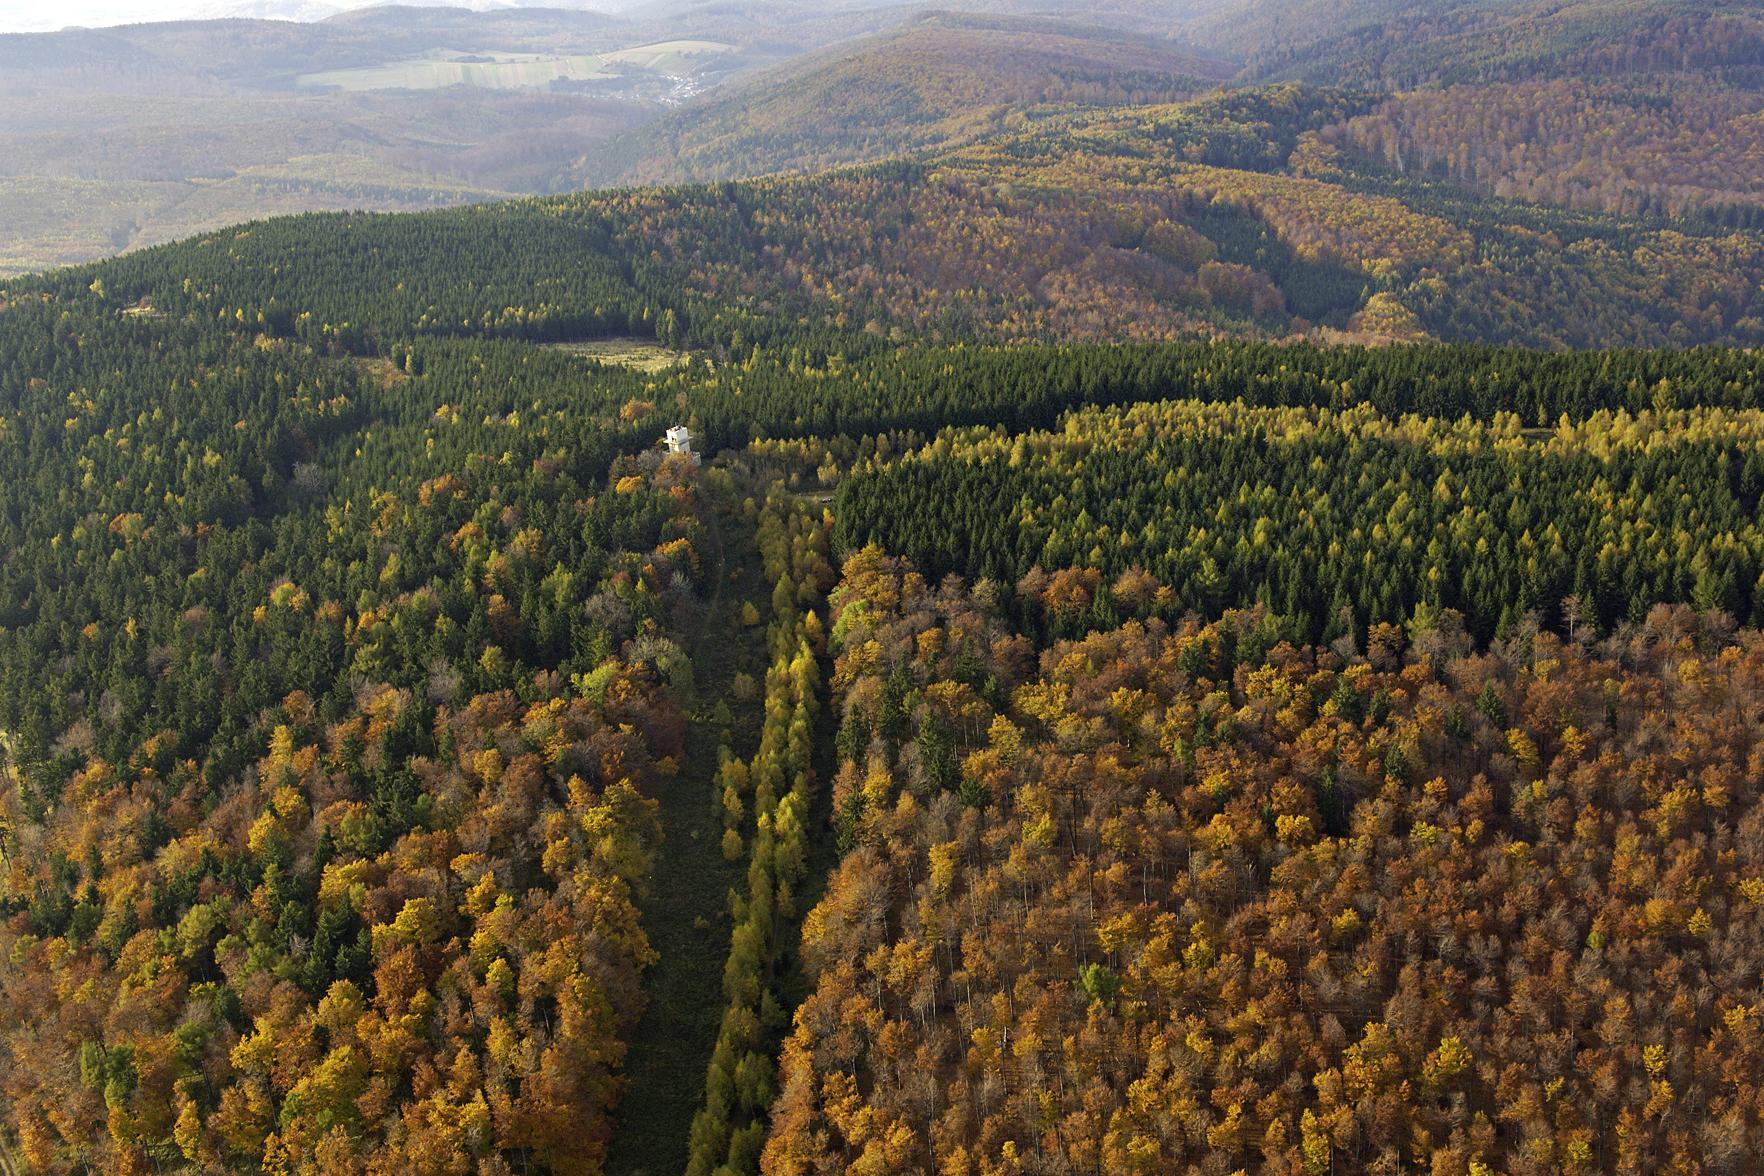 """Landschaftsschutzgebiet """"Bernstein, Lockenhaus, Rechnitz"""", Südburgenland"""